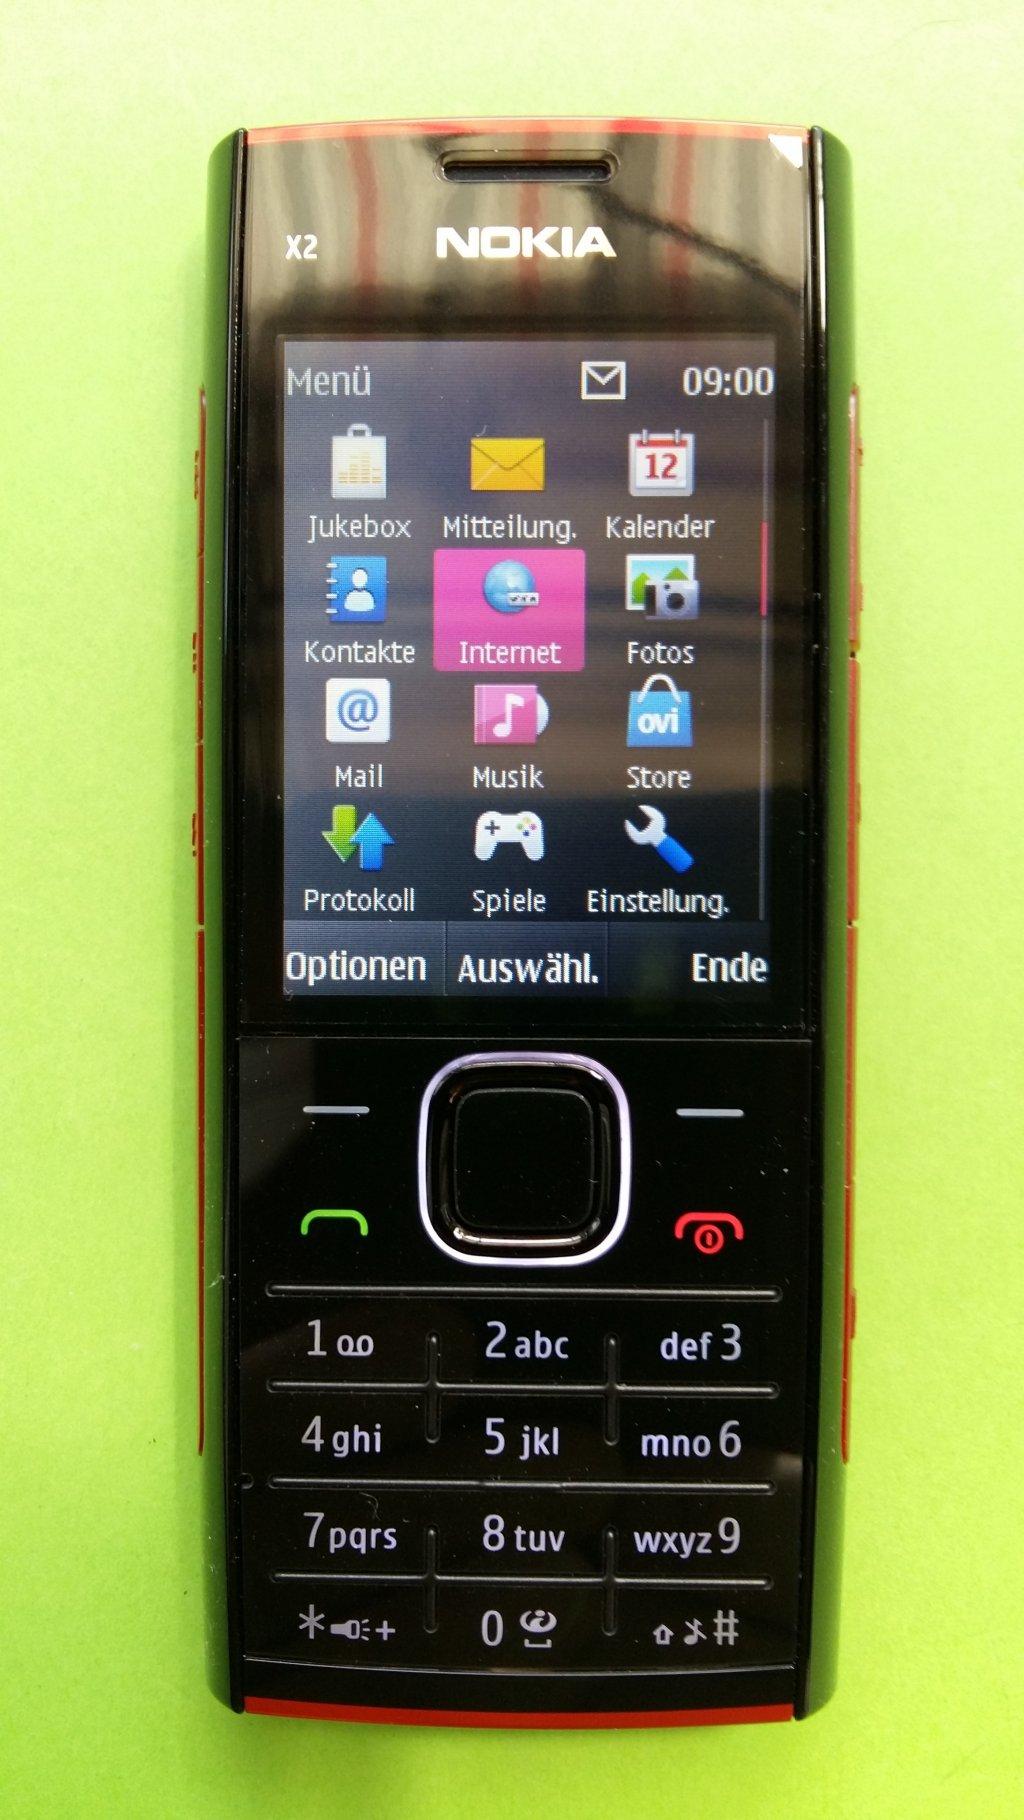 Nokia X2 00 Image 8288804 21w640